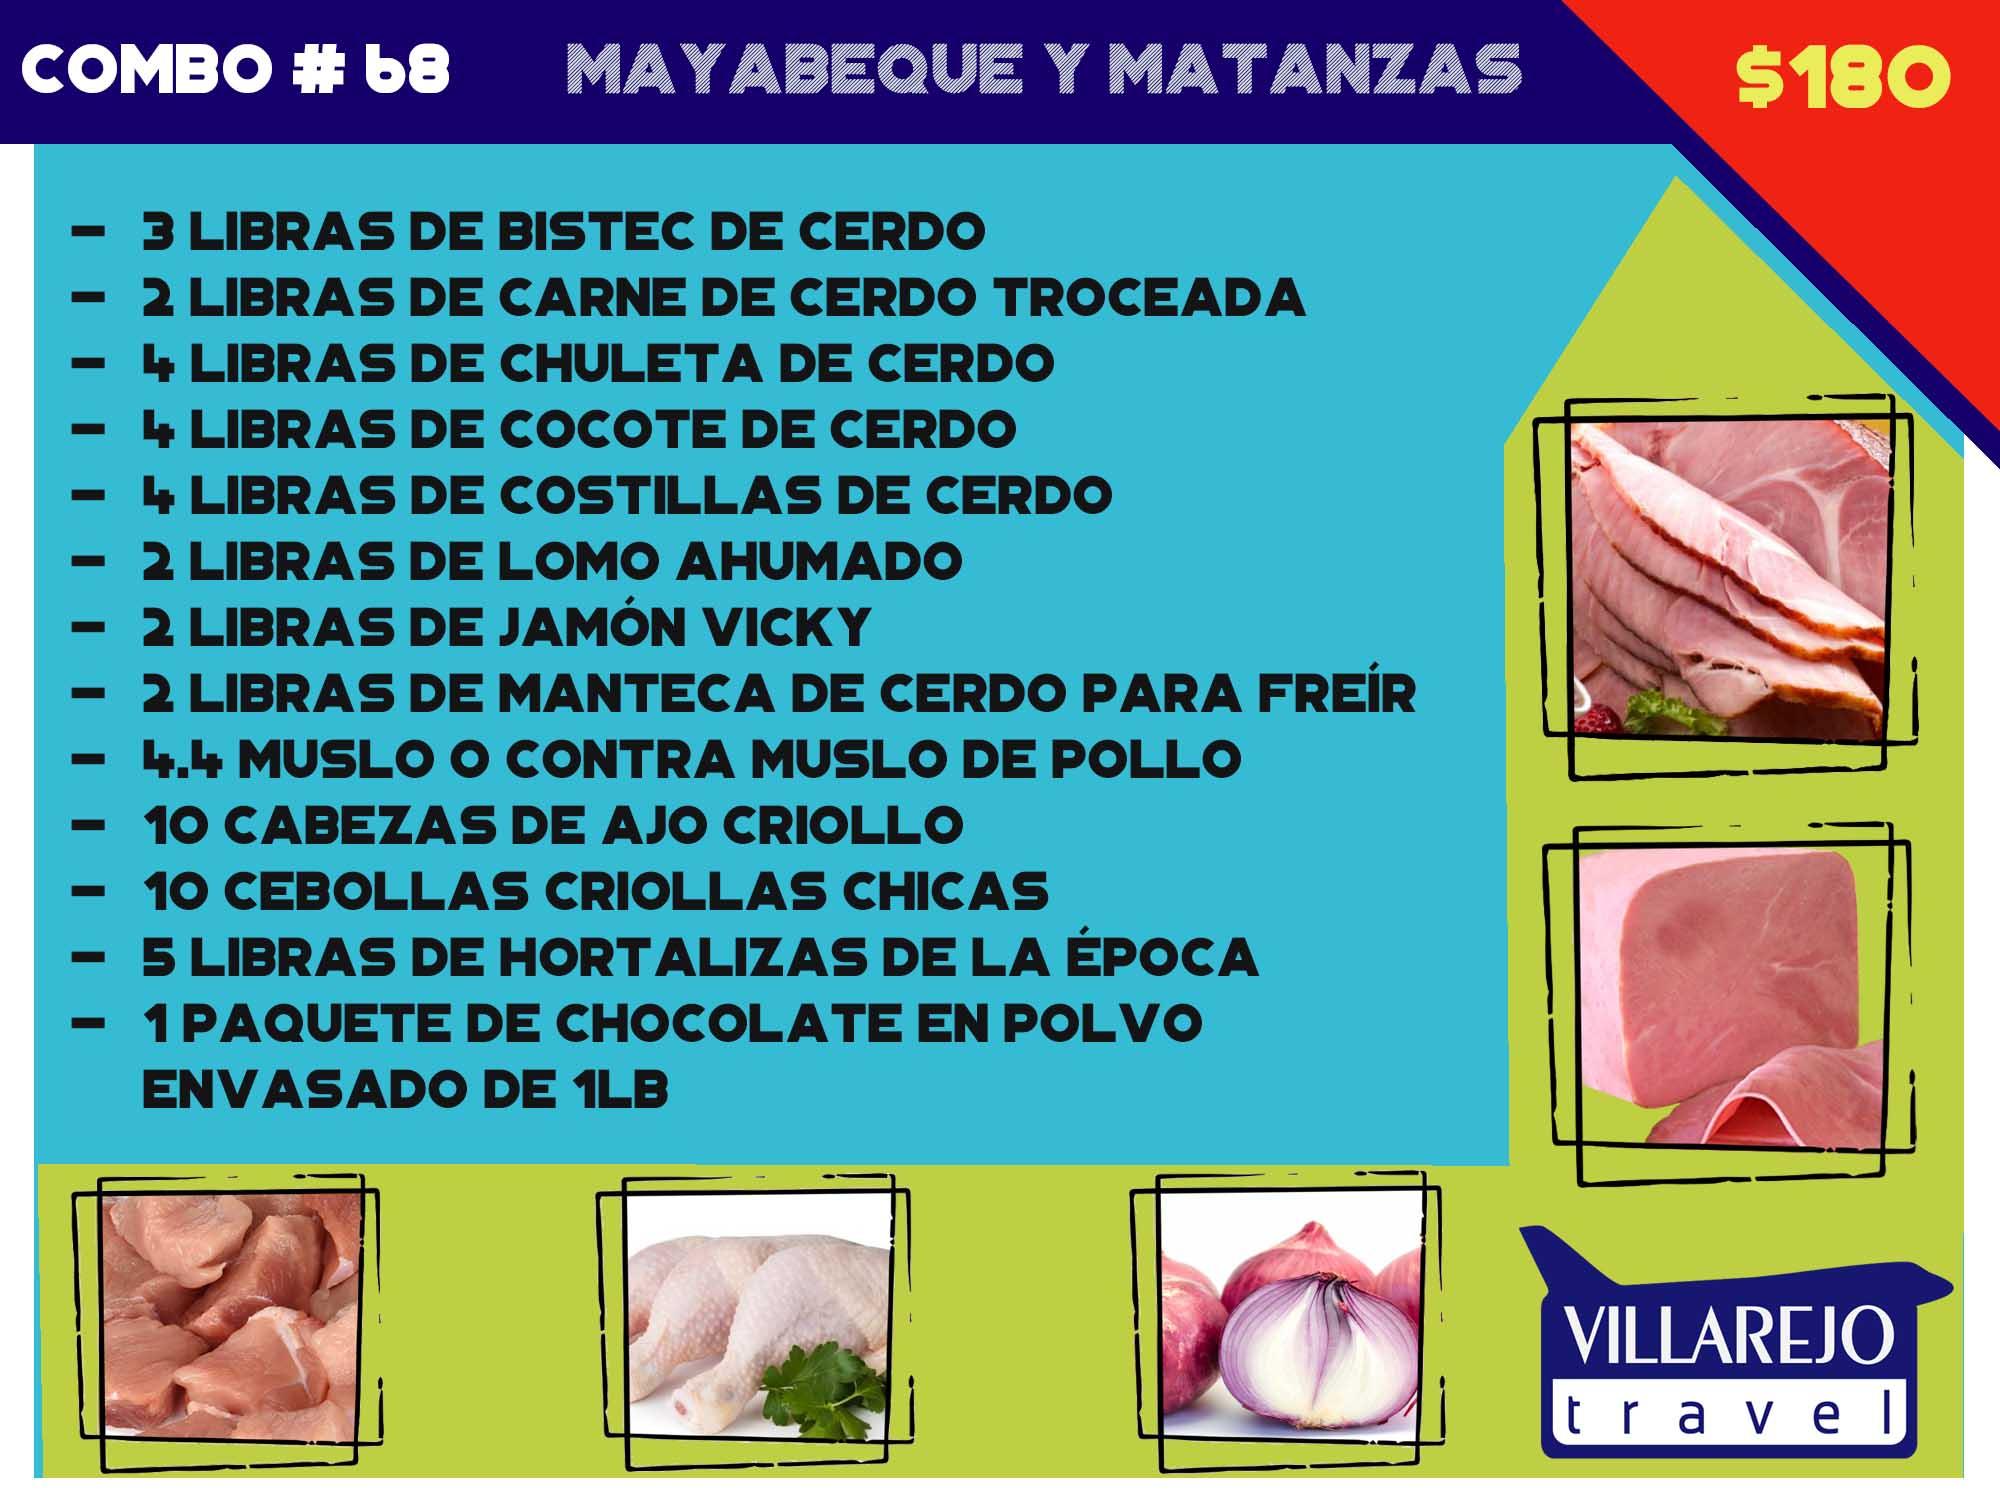 COMBO # 68 MAYABEQUE Y MATANZAS